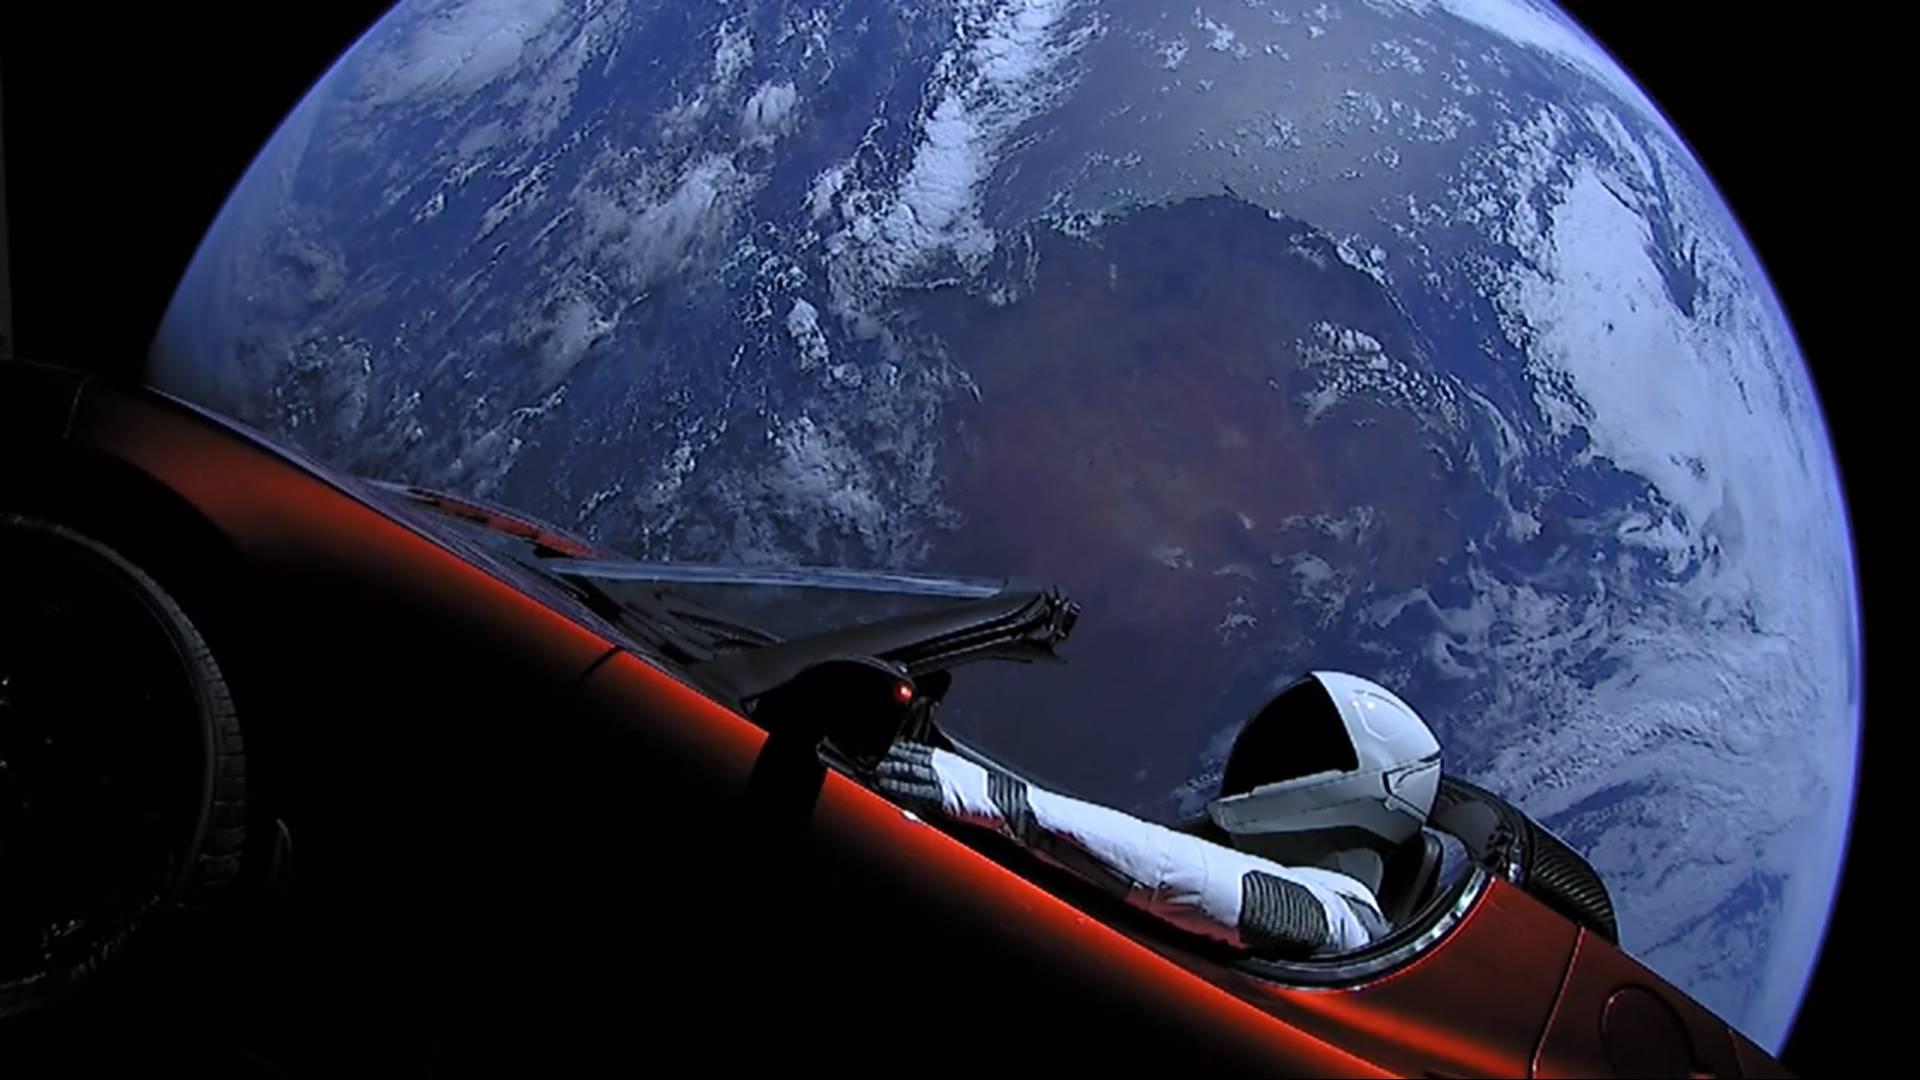 Teslin auto projurio kraj Marsa: Ide u restoran na kraju svemira